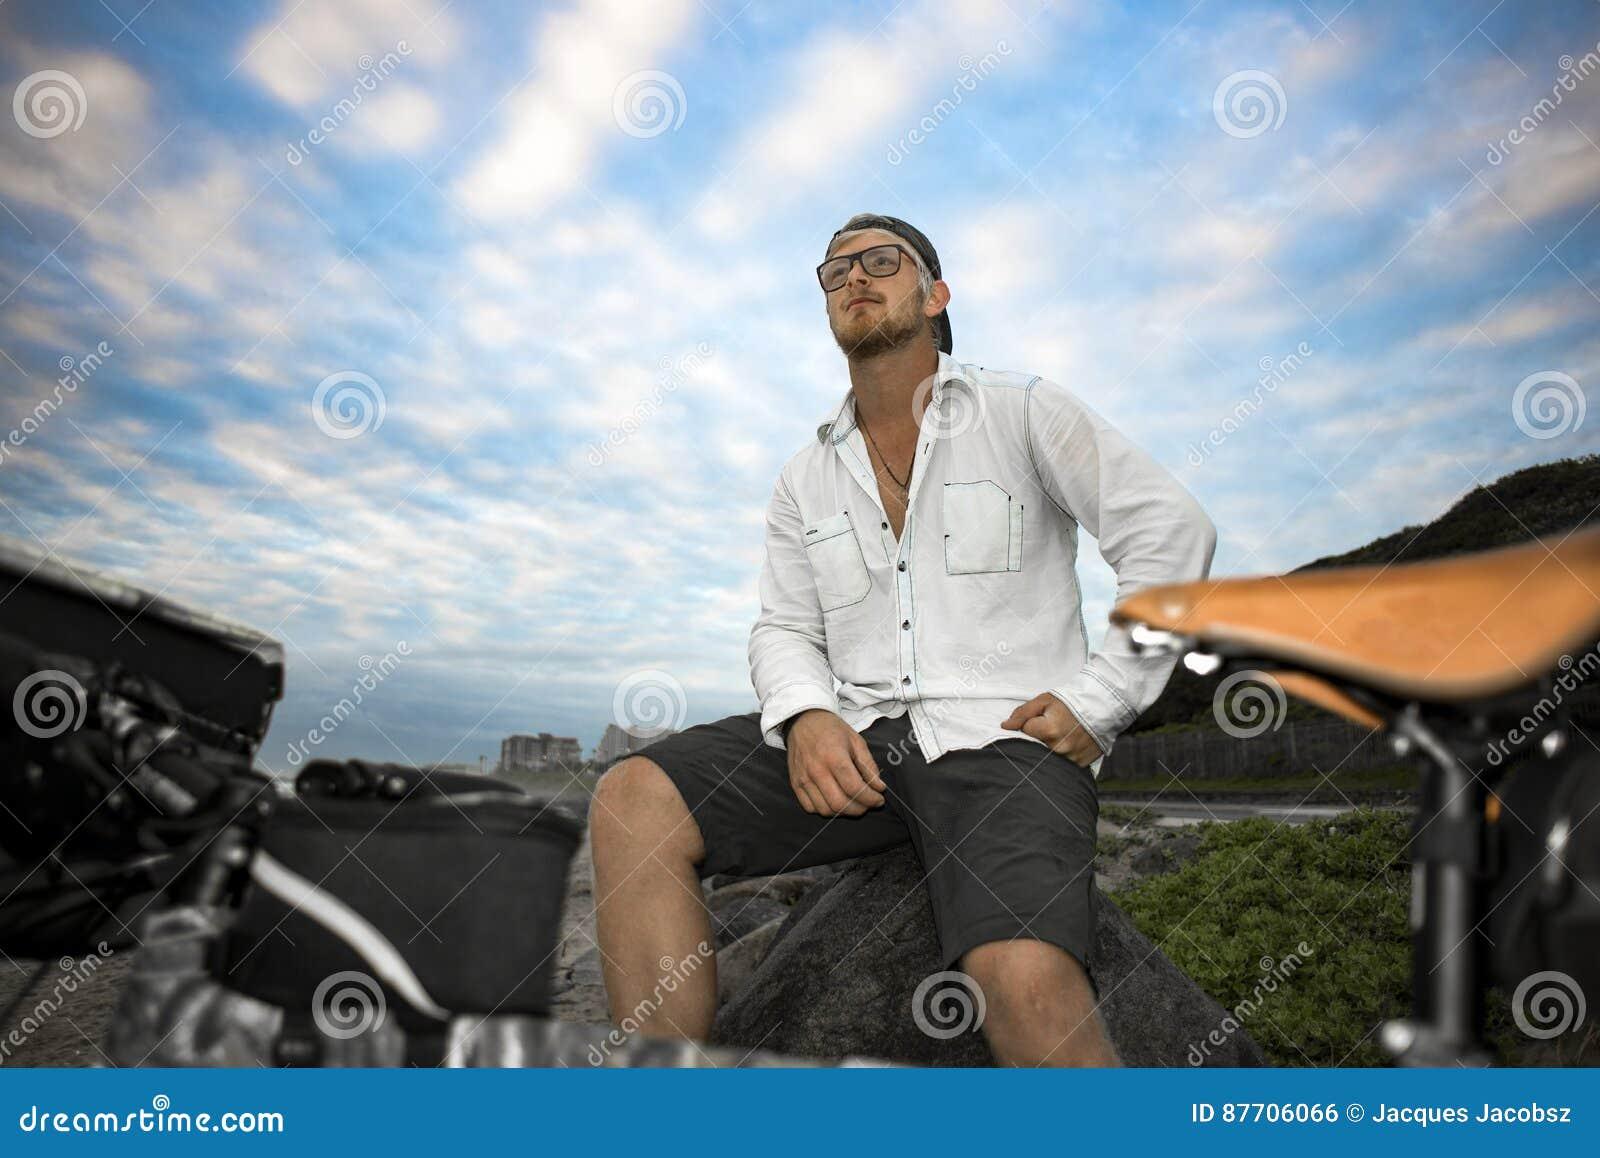 Cycliste de fond avec la bicyclette devant lui